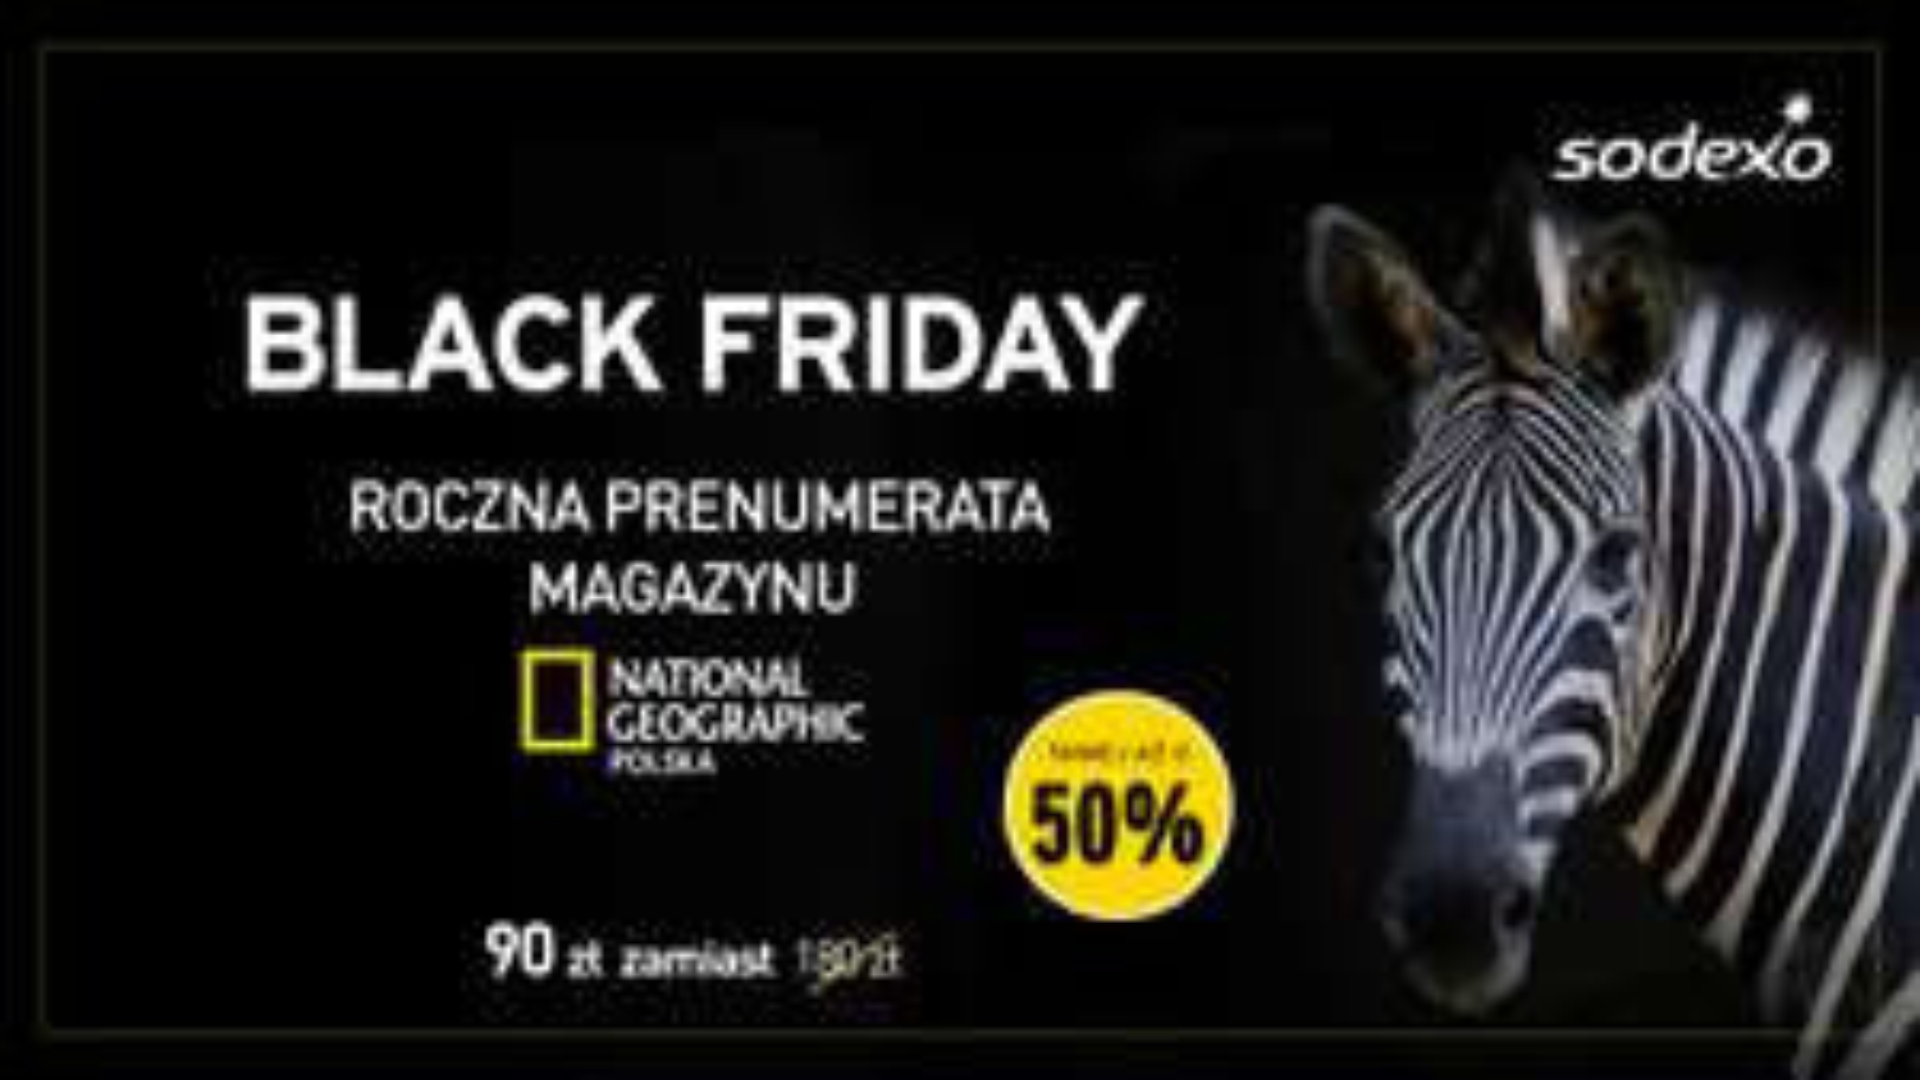 Roczna Prenumerata National Geographic w cenie 90 złotych to aż o 50% taniej od ceny okładkowej